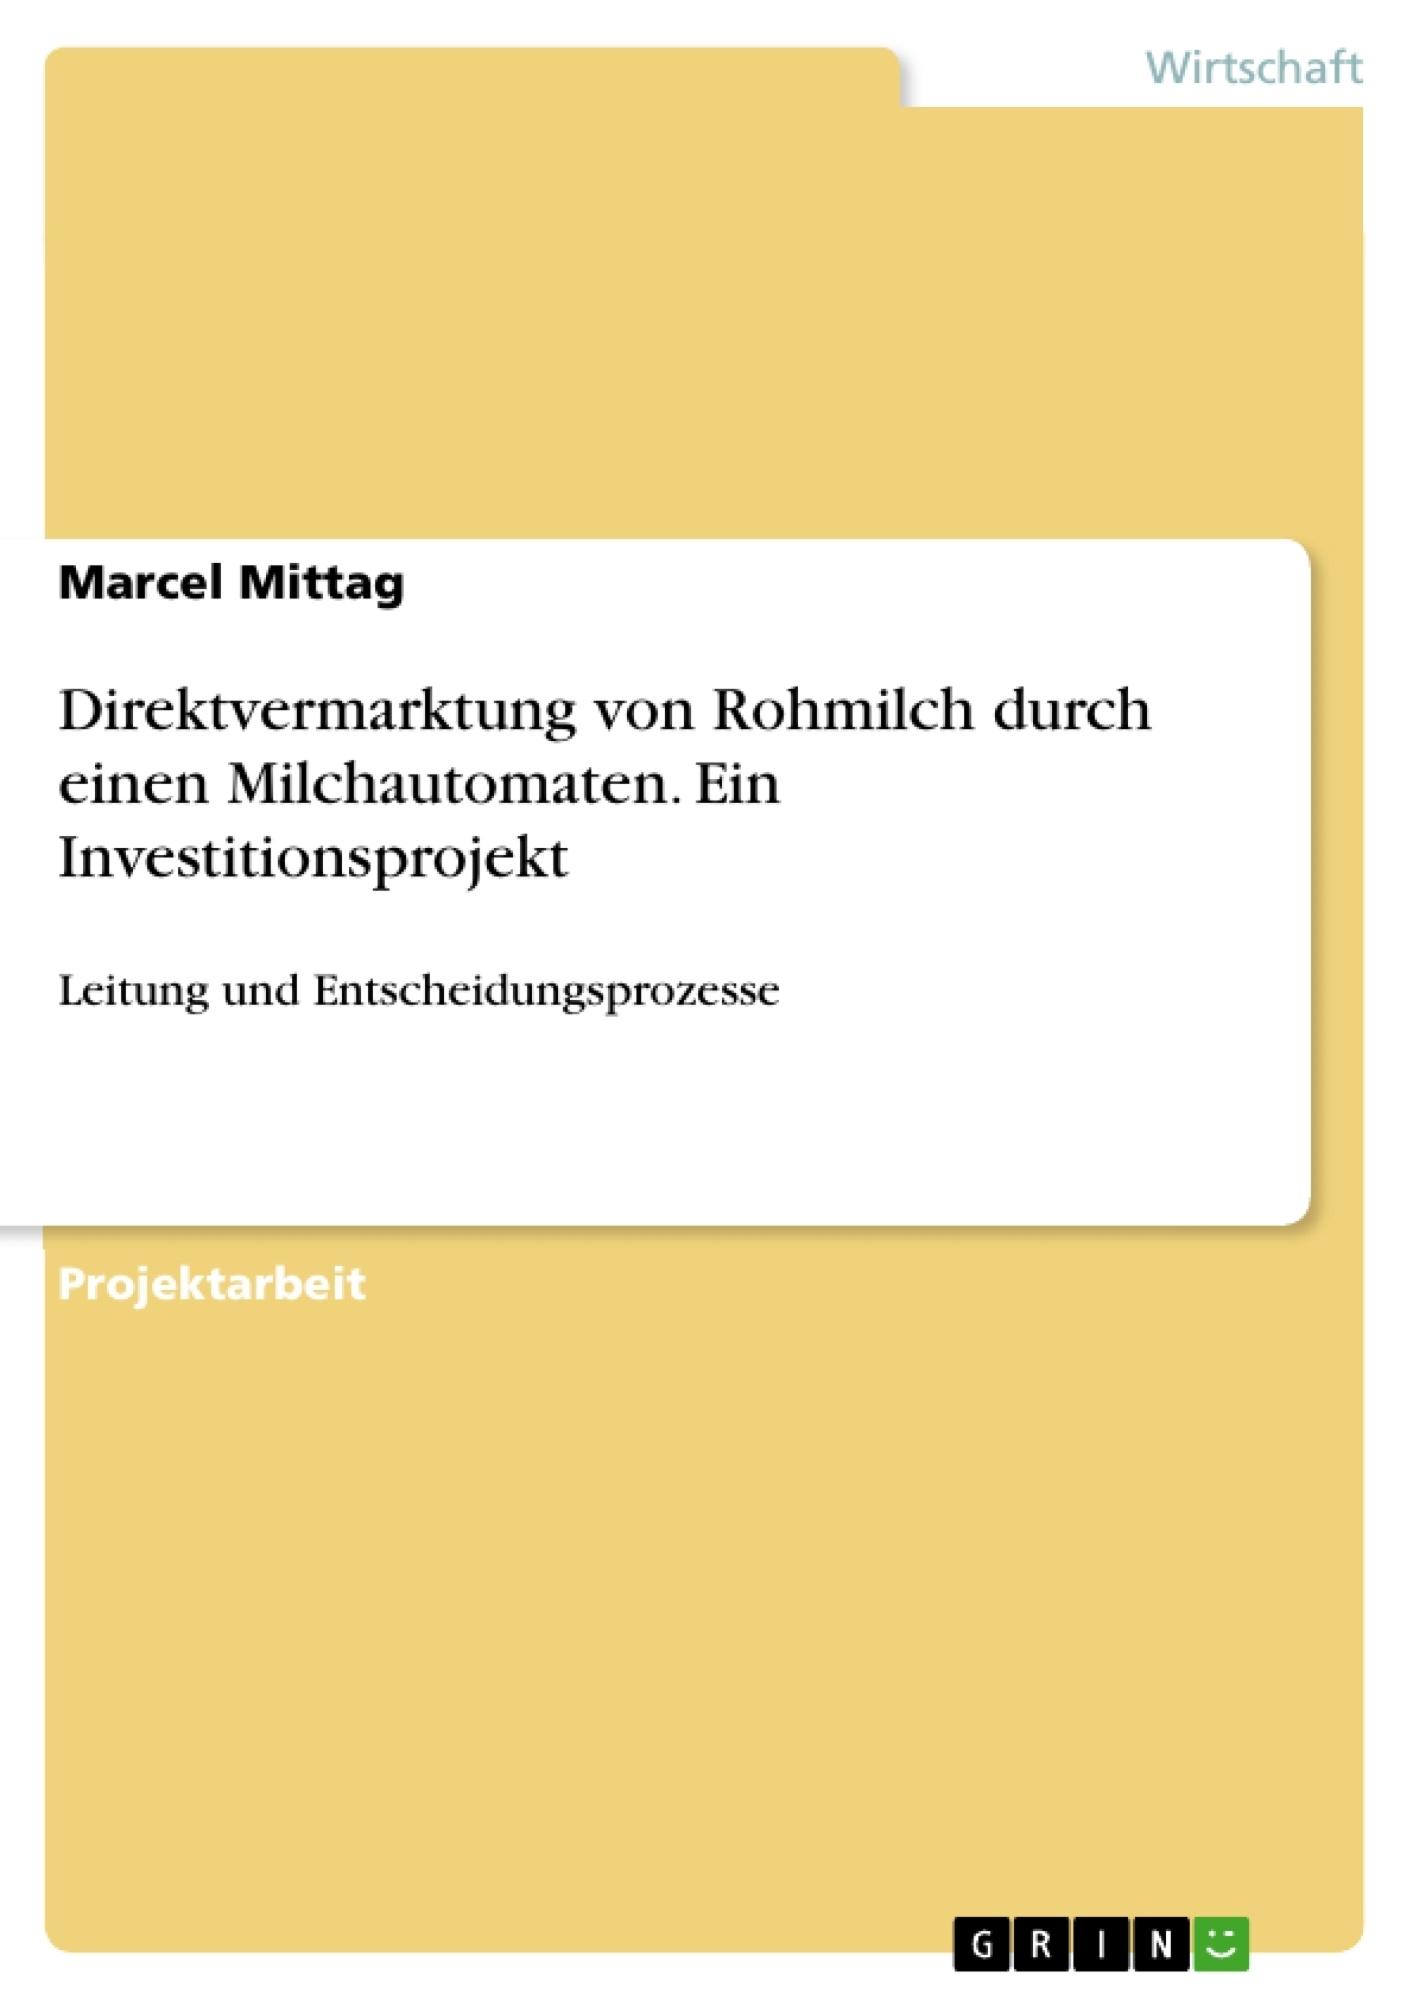 Titel: Direktvermarktung von Rohmilch durch einen Milchautomaten. Ein Investitionsprojekt